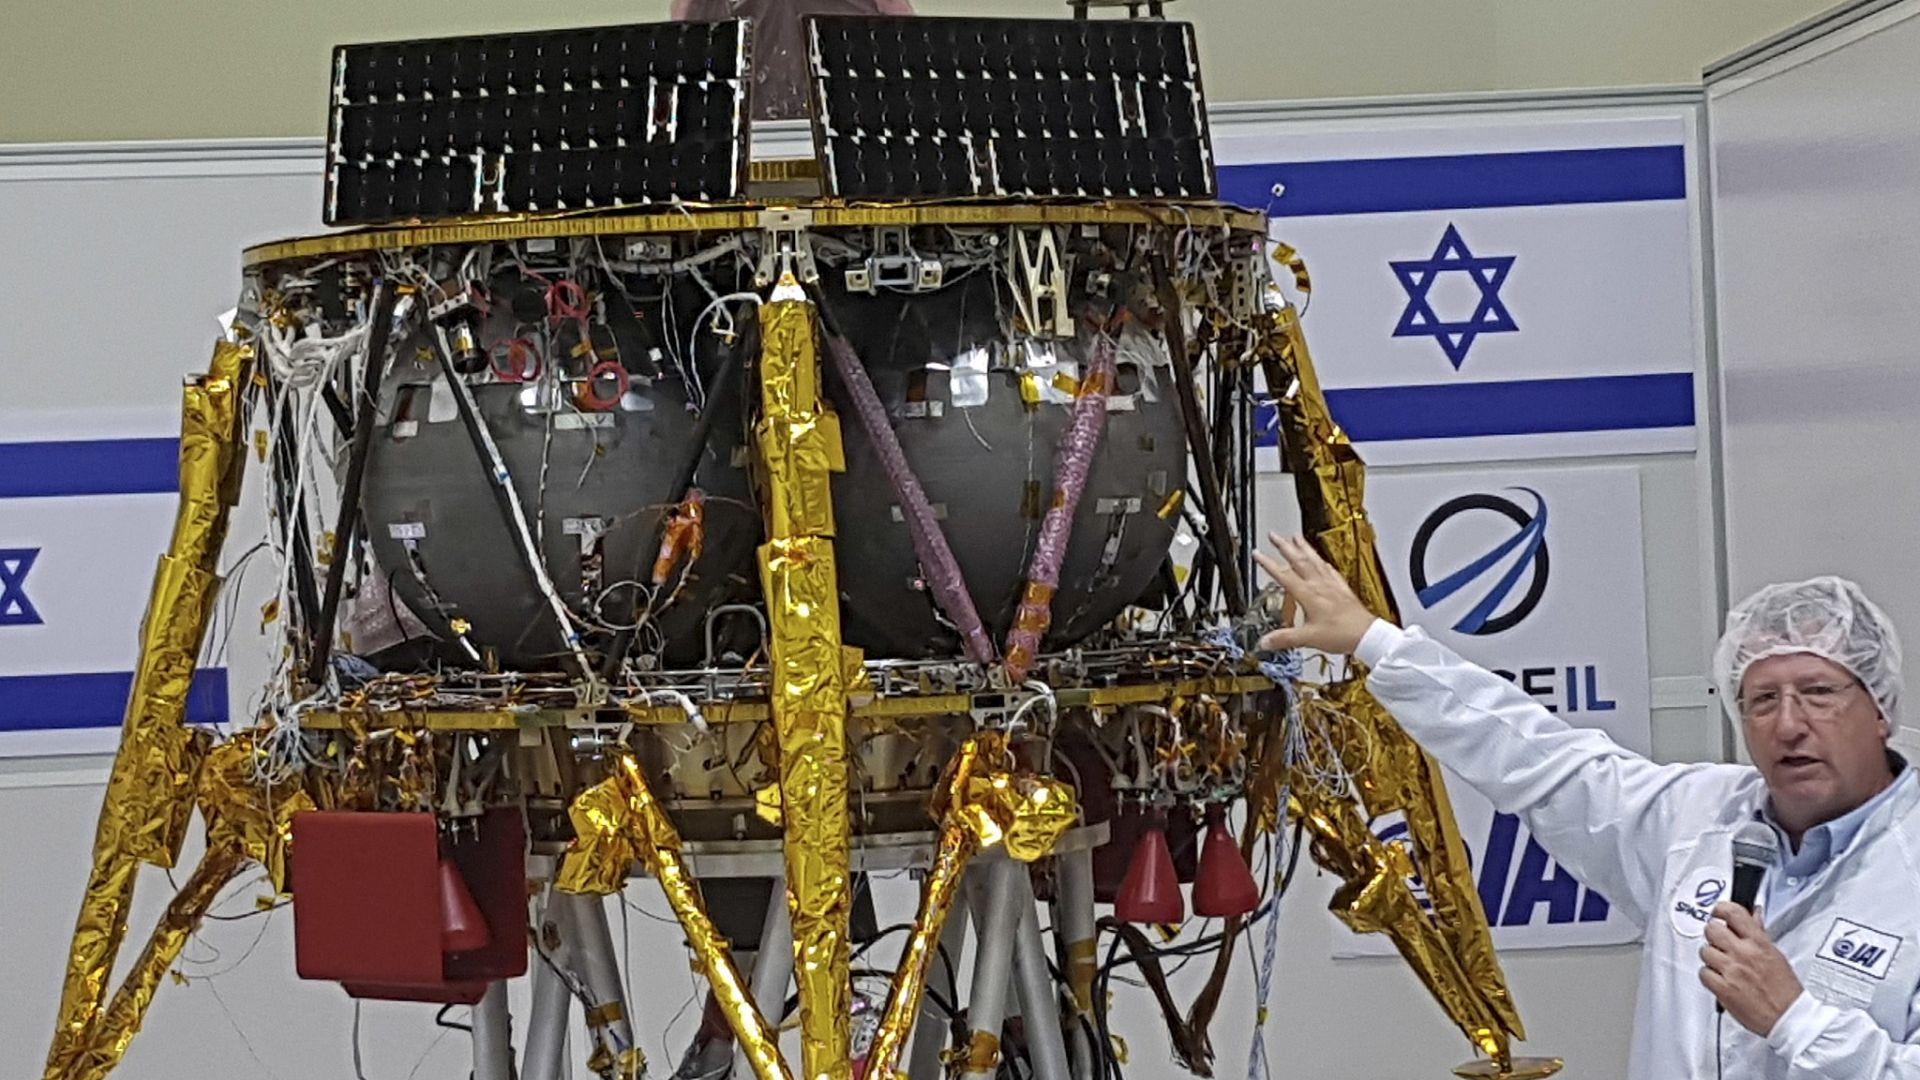 Стартъпи превърнаха Израел в иновативен хъб